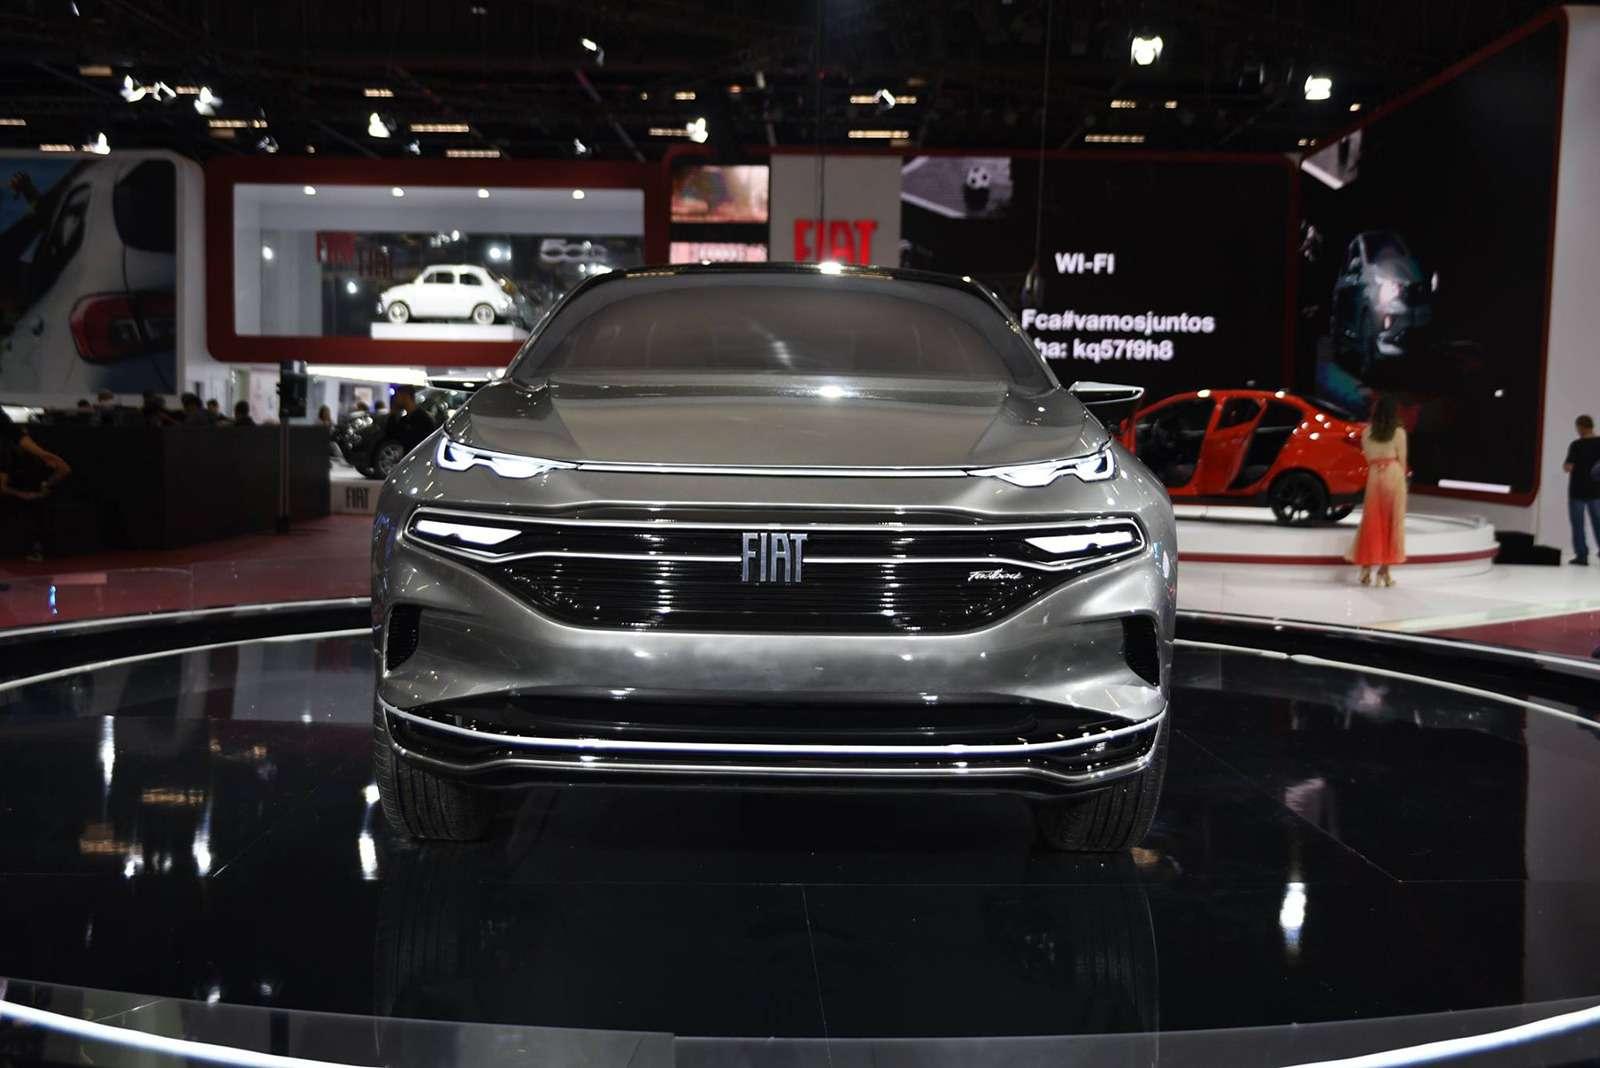 Fiat показал купе-кроссовер. Это будущий конкурент Renault Arkana!— фото 920718